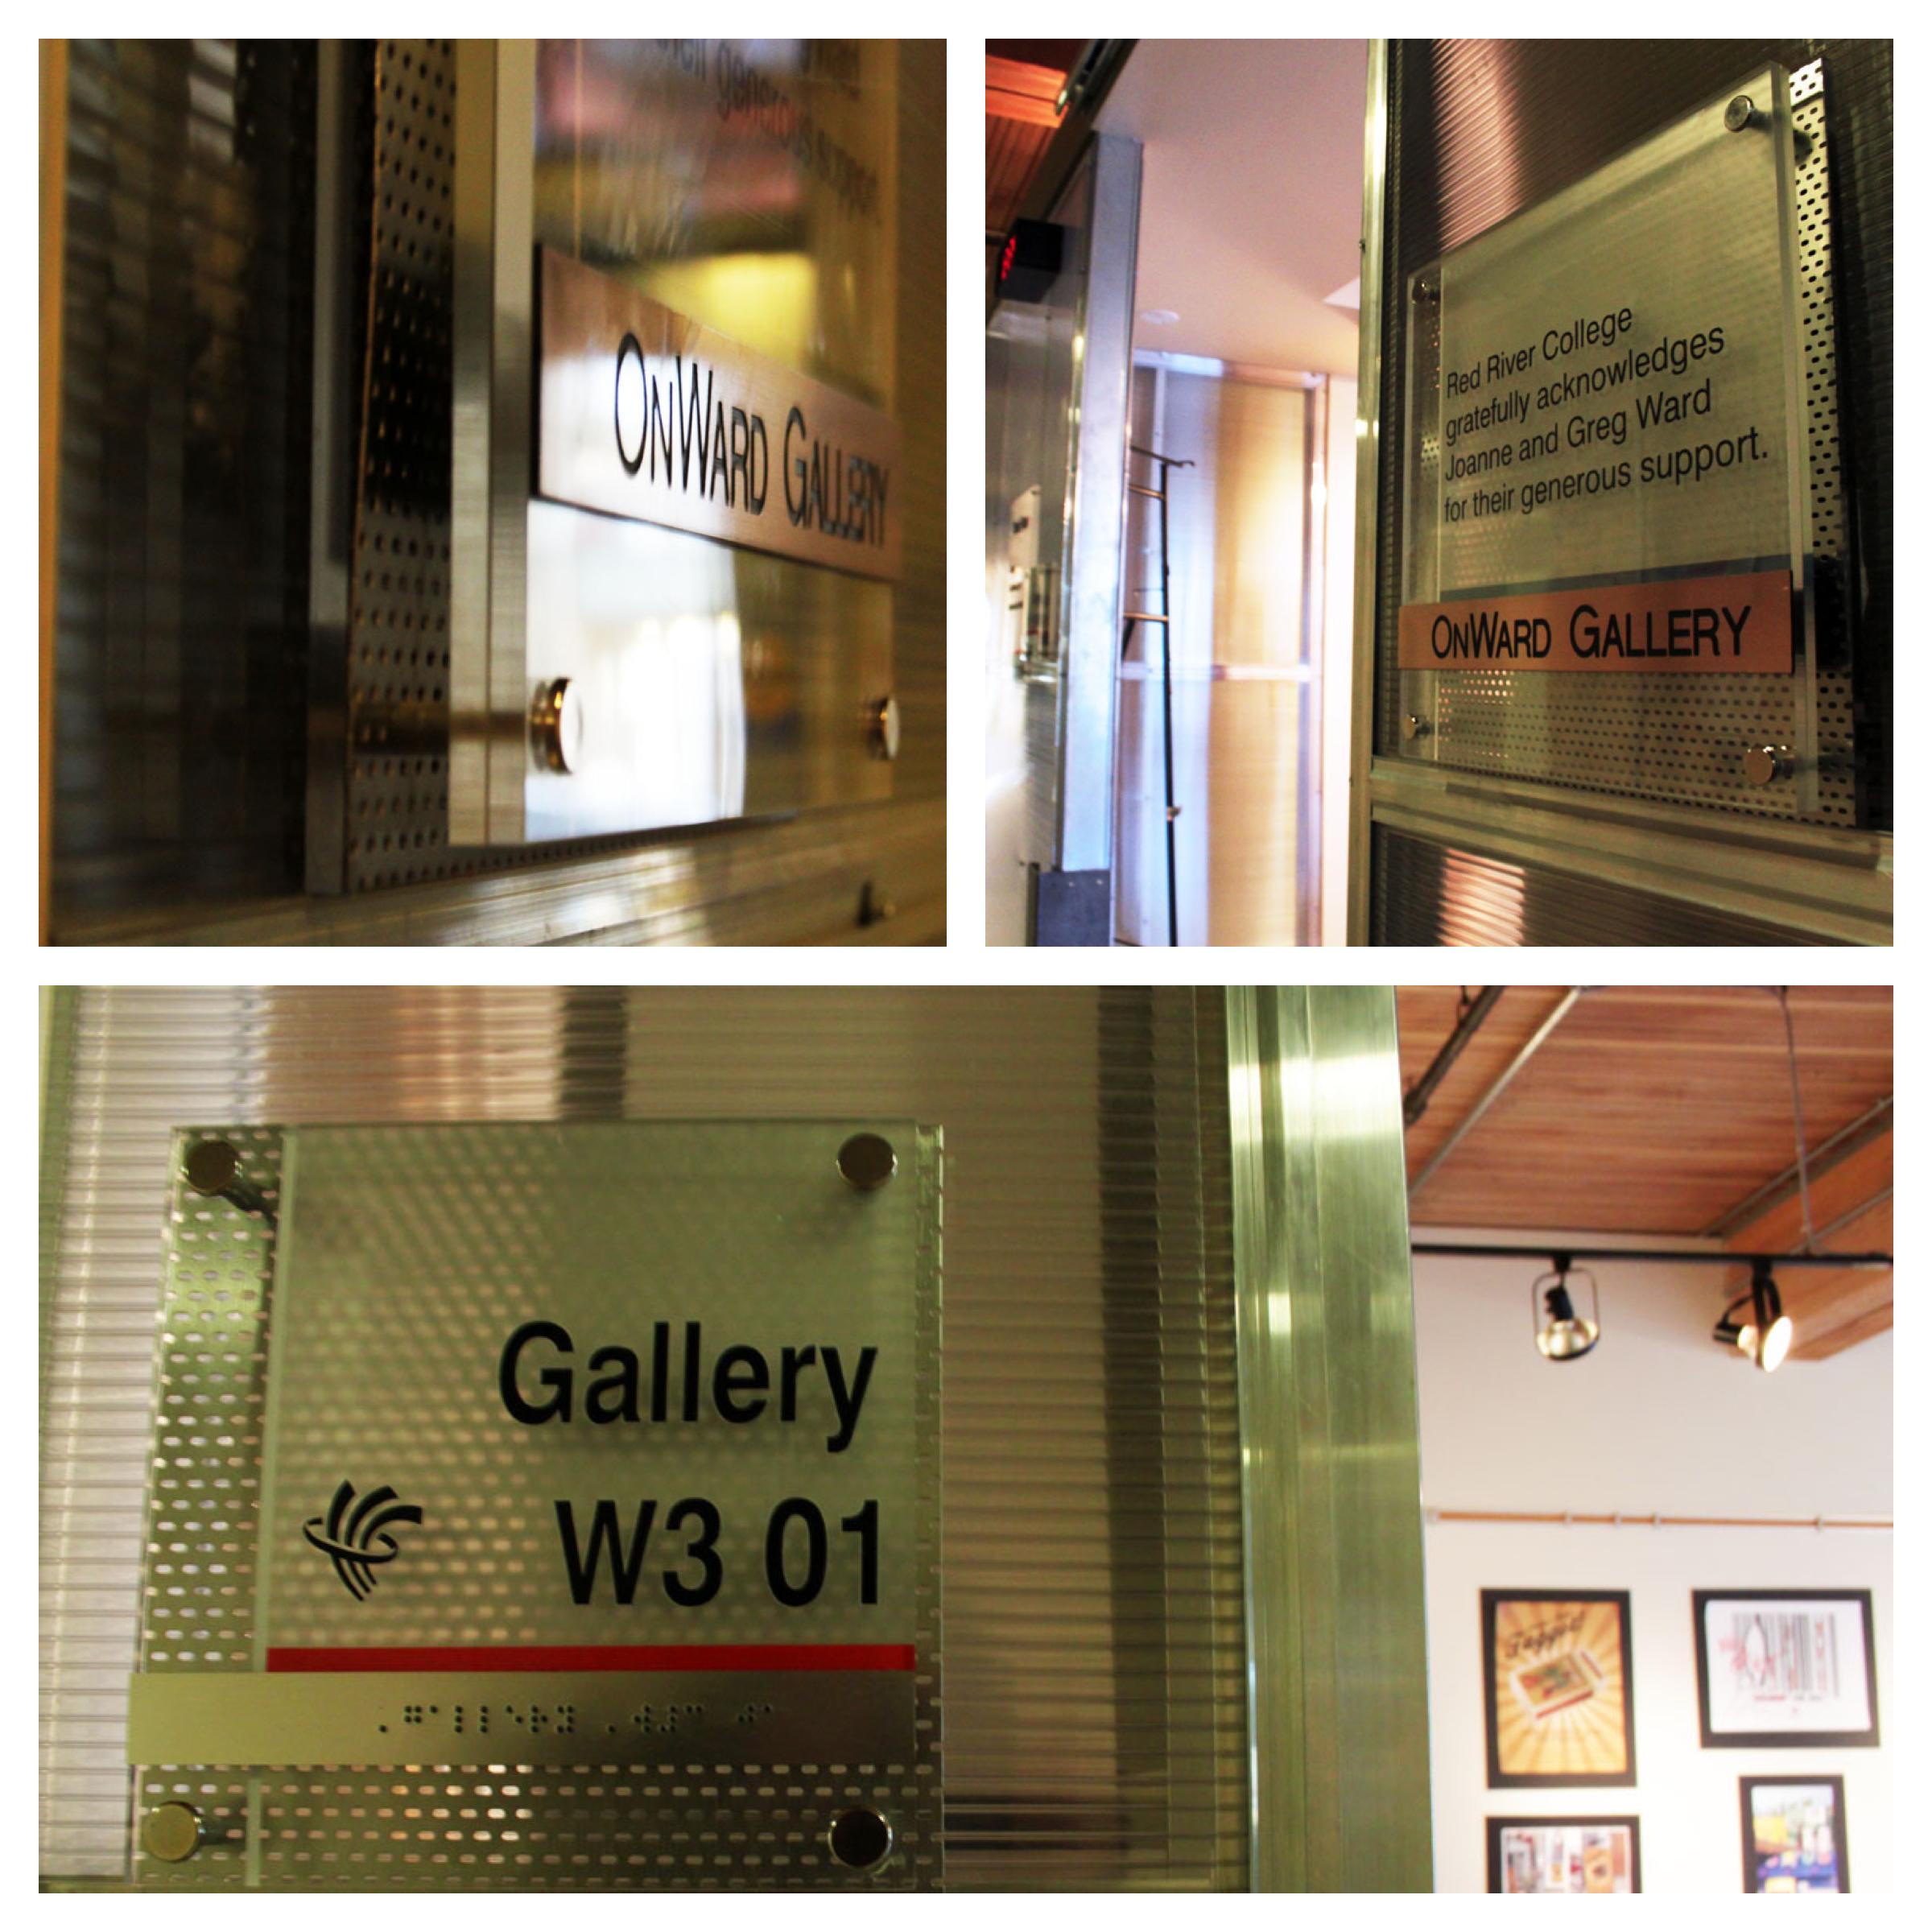 OnWard Gallery